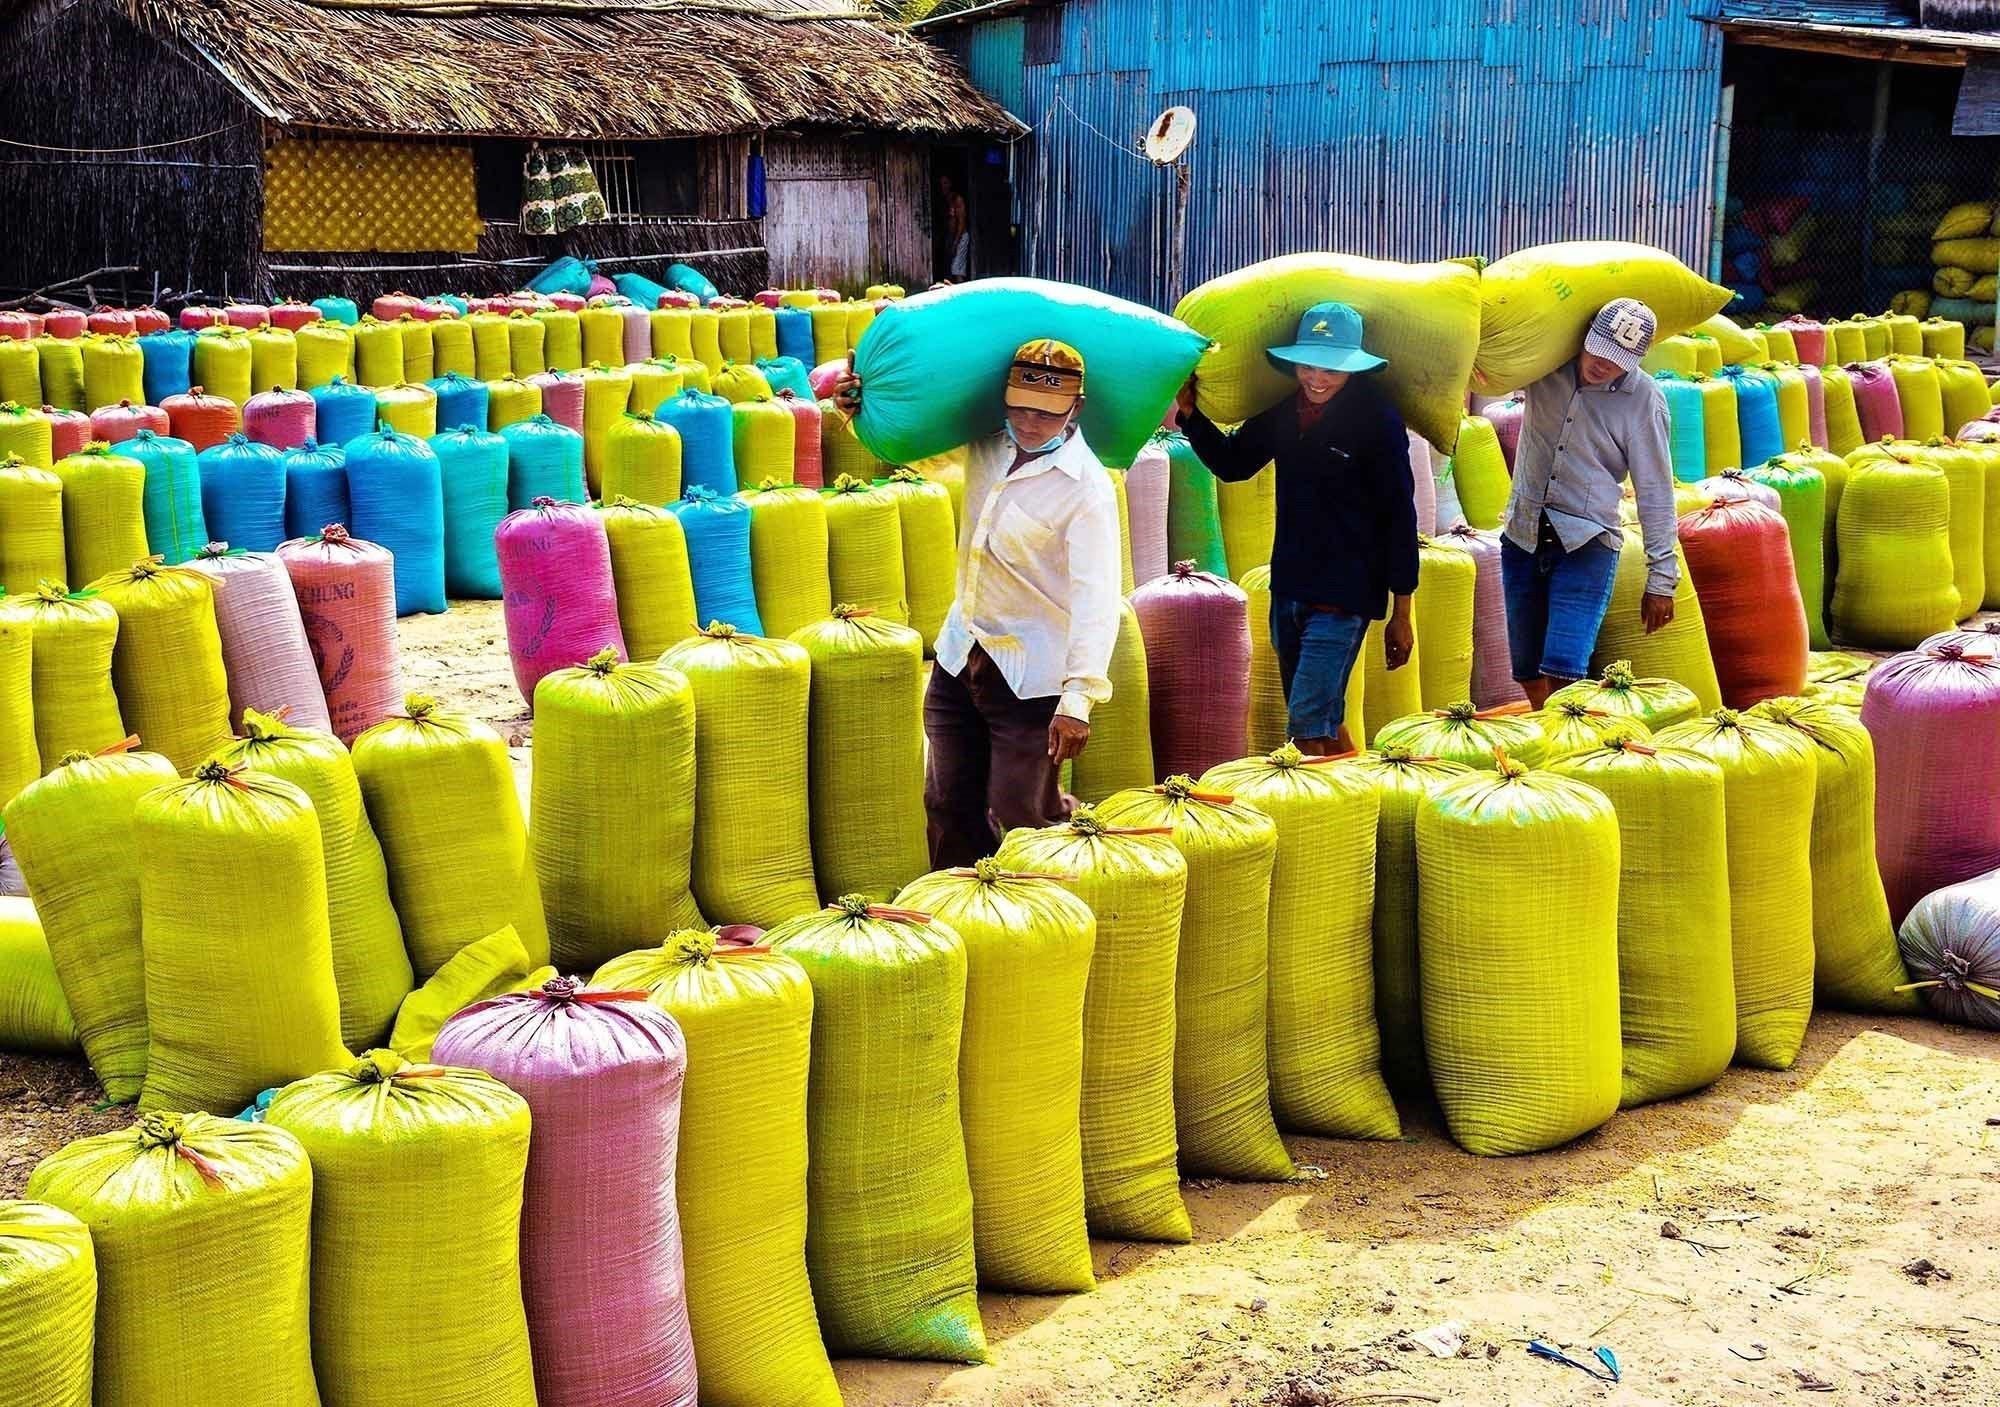 """Từ thành tựu của """"Khoán 10"""", nông nghiệp Việt Nam ngày càng phát triển theo hướng đi mới, trong đó từ chỗ """"tự cung tự cấp"""" đã chuyển sang sản xuất hàng hóa, đưa nhiều giống lúa năng suất cao vào gieo trồng đi đôi với đẩy mạnh ứng dụng khoa học kỹ thuật. Trong ảnh: Sau hơn 30 năm đổi mới, từ chỗ là nước thiếu gạo, phải nhập khẩu, Việt Nam đã vươn lên trở thành nước xuất khẩu gạo đứng thứ hai thế giới. (Ảnh: TTXVN phát)"""